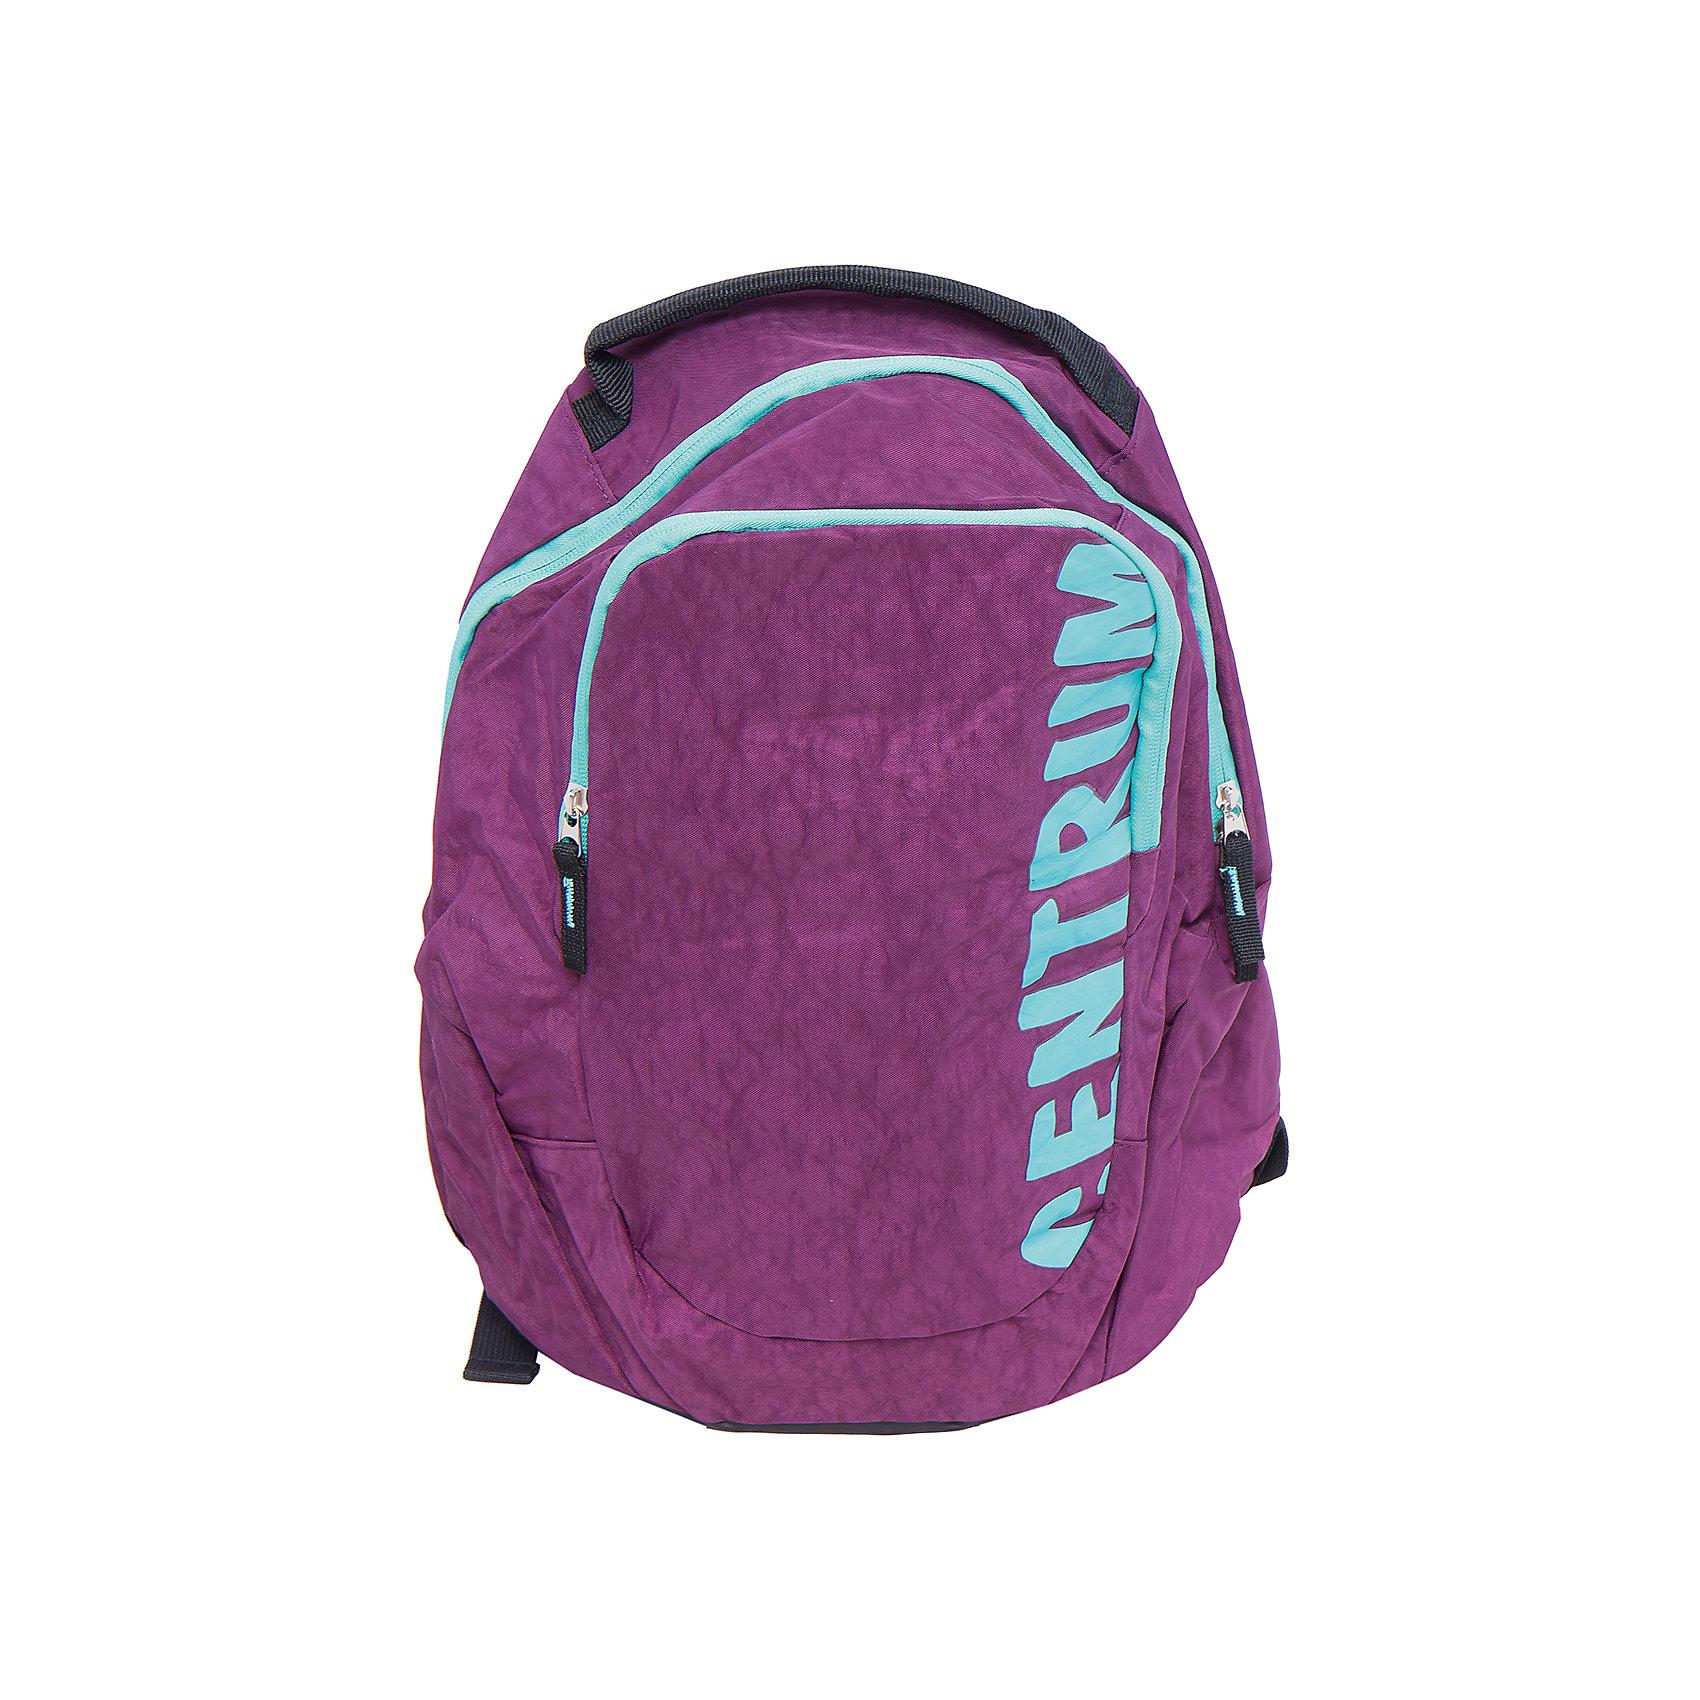 Спортивный рюкзакРюкзаки<br>Спортивный рюкзак, CENTRUM (Центрум) ? рюкзак отечественного бренда молодежной серии. Рюкзаки этой серии выполнены из непромокаемого и прочного нейлона высокого качества, отличаются легким весом. <br>Внутреннее устройство рюкзака состоит из одного вместительного отсека. На передней стенке внешний карман на молнии. Эргономичность рюкзака обеспечивается широкими регулируемыми лямками. Для удобства переноса рюкзака в руках имеется  ручка-петля. <br>Рюкзак выполнен в сливовом цвете, на передней стенке имеется брендовая надпись бирюзового цвета.<br>Спортивный рюкзак, CENTRUM (Центрум) ? это многофункциональность, качество и удобство использования. <br><br>Дополнительная информация:<br><br>- Вес: 740 г<br>- Габариты (Д*Г*В): 18,5*36*42 см<br>- Цвет: сливовый, бирюзовый<br>- Материал: нейлон<br>- Сезон: круглый год<br>- Коллекция: молодежная<br>- Пол: женский<br>- Предназначение: для школы, для занятий спортом, для путешествий <br>- Особенности ухода: можно чистить влажной щеткой или губкой<br><br>Подробнее:<br><br>• Для детей в возрасте: от 12 лет <br>• Страна производитель: Китай<br>• Торговый бренд: CENTRUM<br><br>Спортивный рюкзак, CENTRUM (Центрум) можно купить в нашем интернет-магазине.<br><br>Ширина мм: 185<br>Глубина мм: 360<br>Высота мм: 420<br>Вес г: 490<br>Возраст от месяцев: 36<br>Возраст до месяцев: 120<br>Пол: Женский<br>Возраст: Детский<br>SKU: 4865231